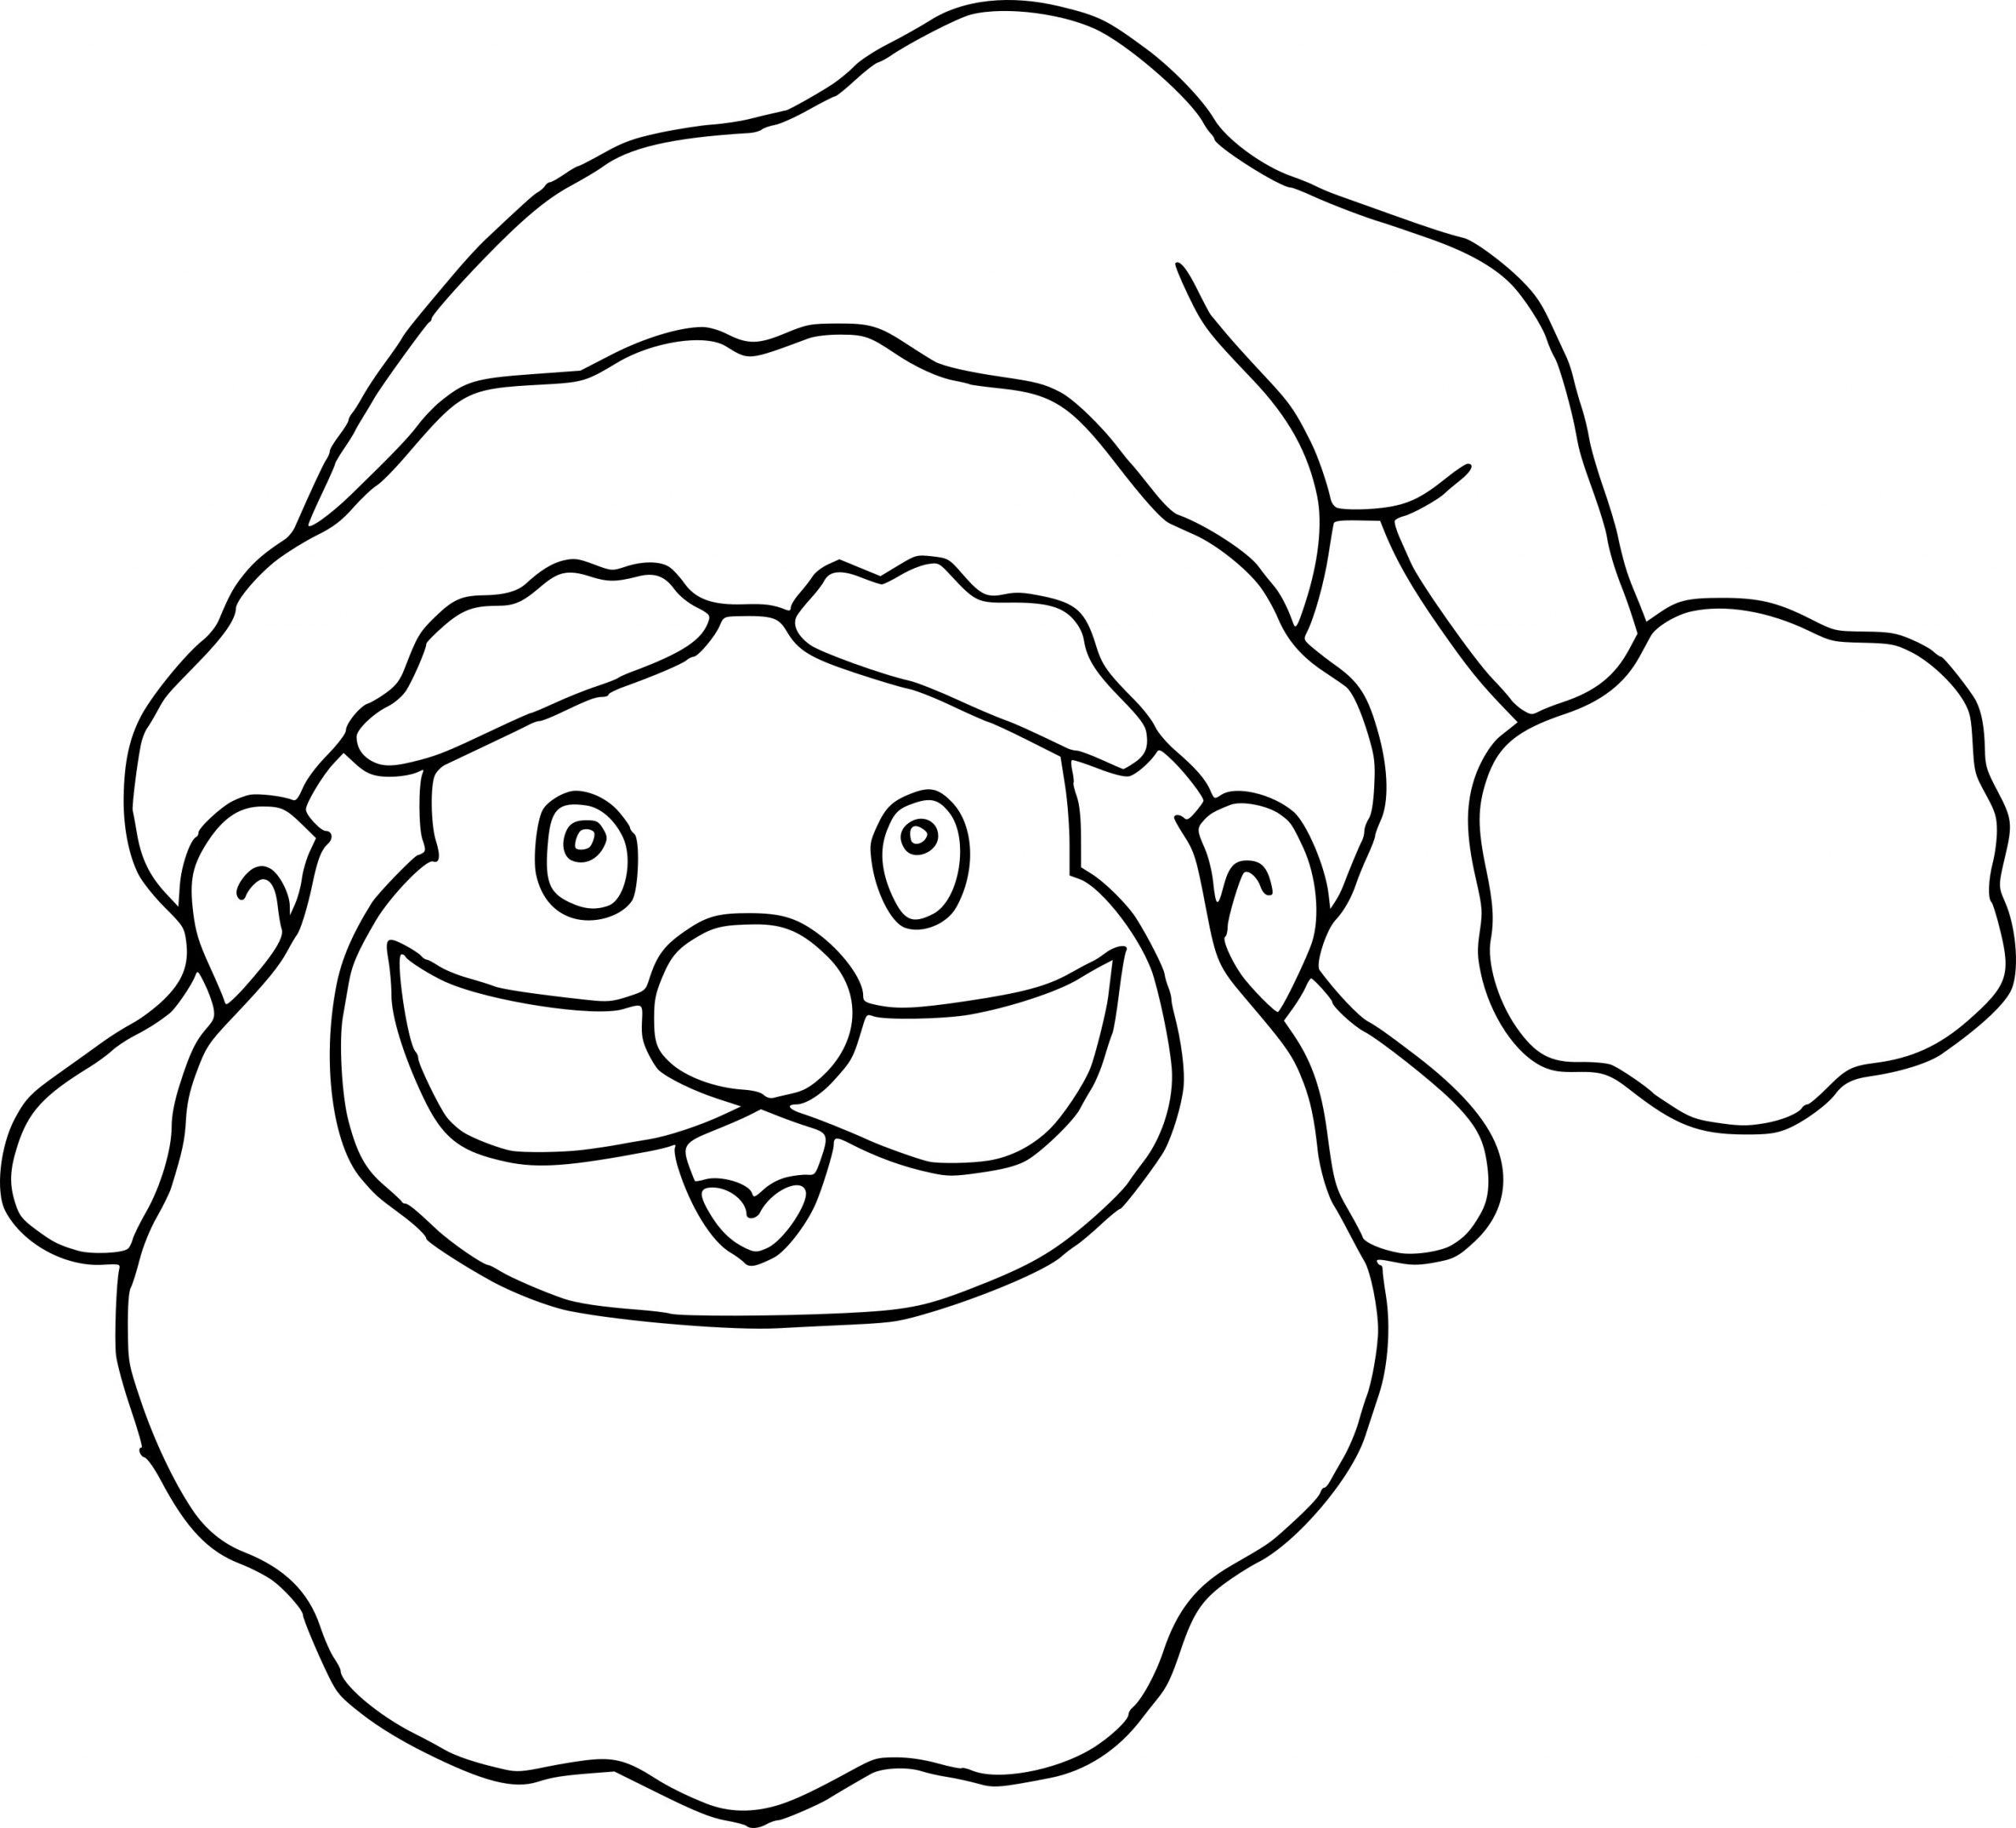 Coloriage Masque Père Noël À Imprimer Sur Coloriages avec Coloriage De Père Noel Gratuit A Imprimer